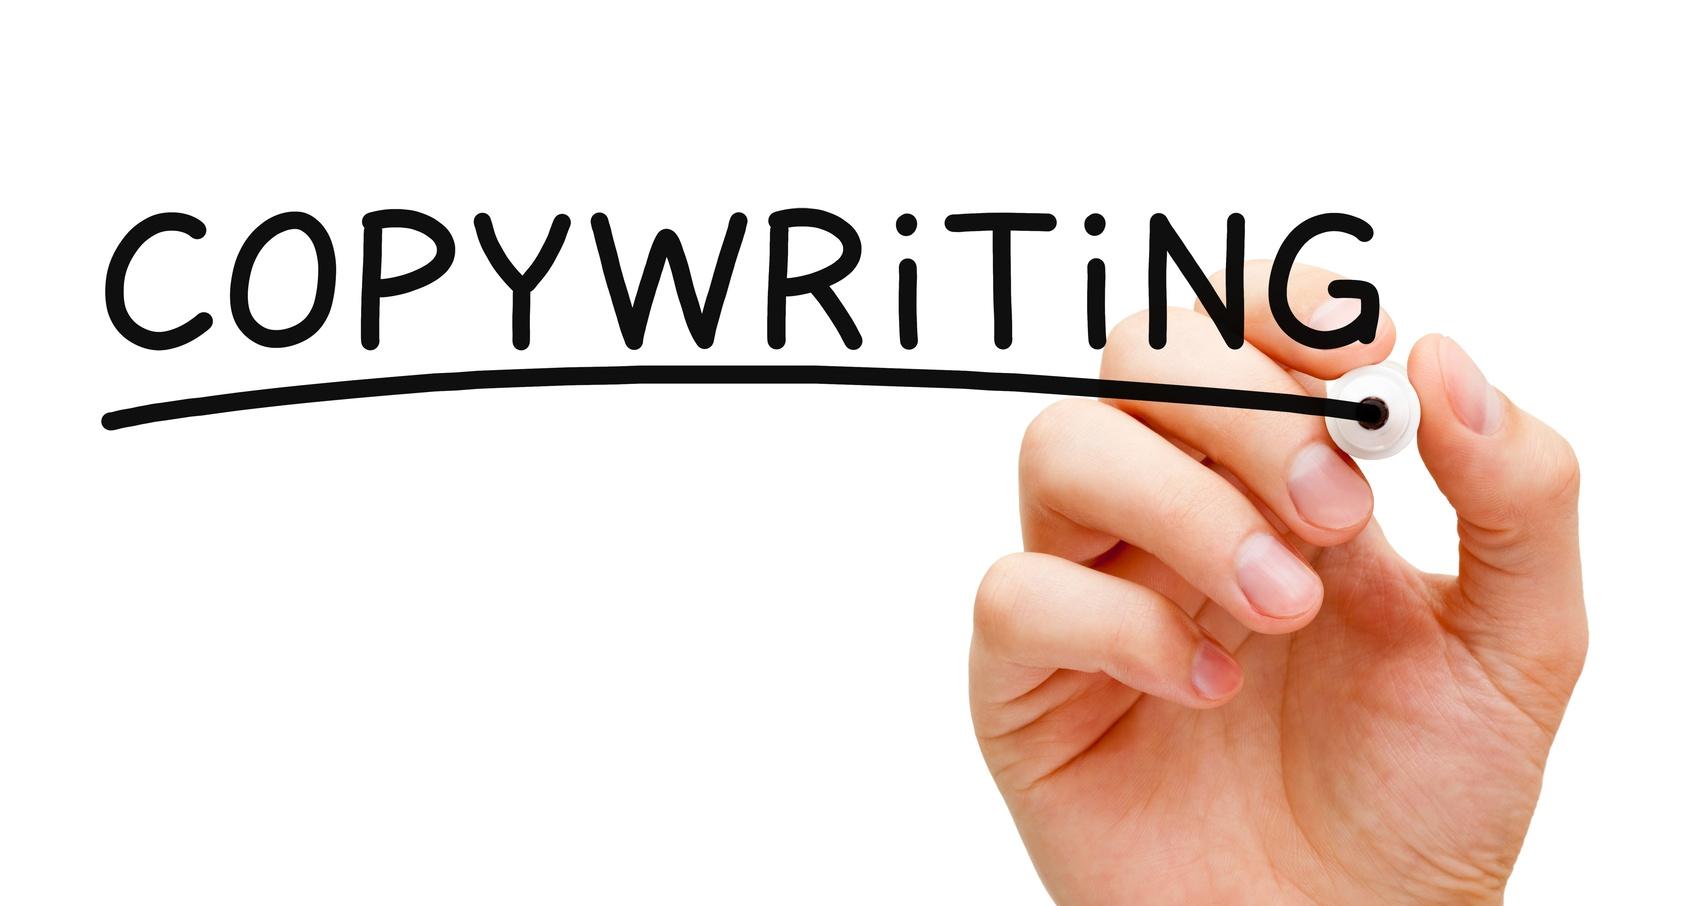 Apakah Copywriting Anda Memicu Apa yang Membuat Pengunjung Anda Beli?